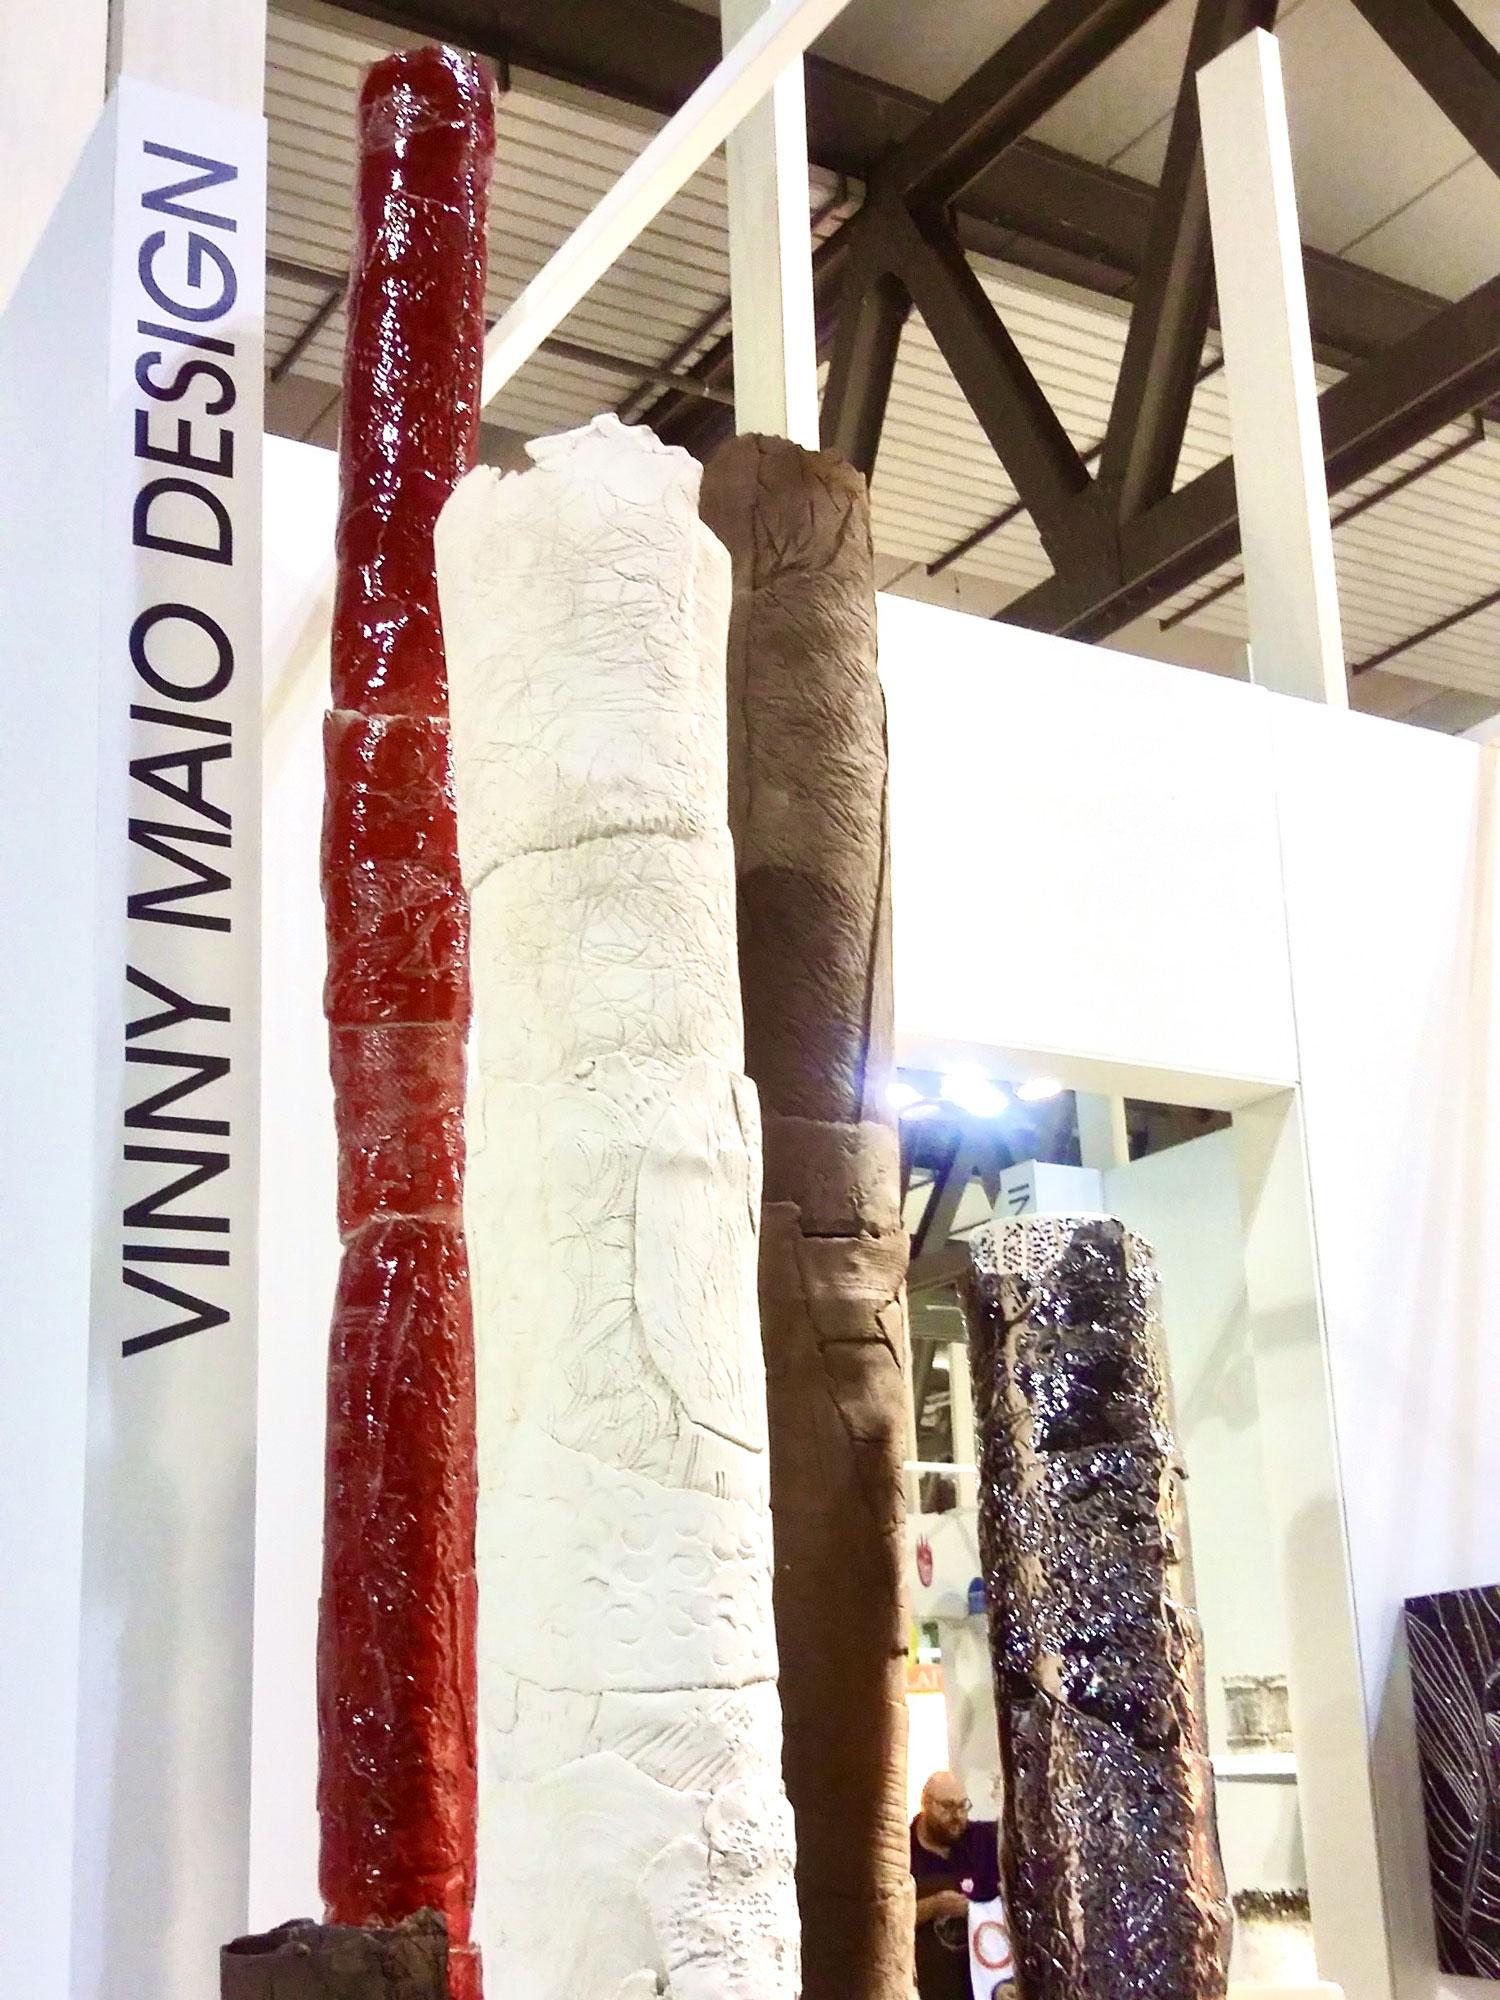 Varie creazione in ceramica handmade esposte